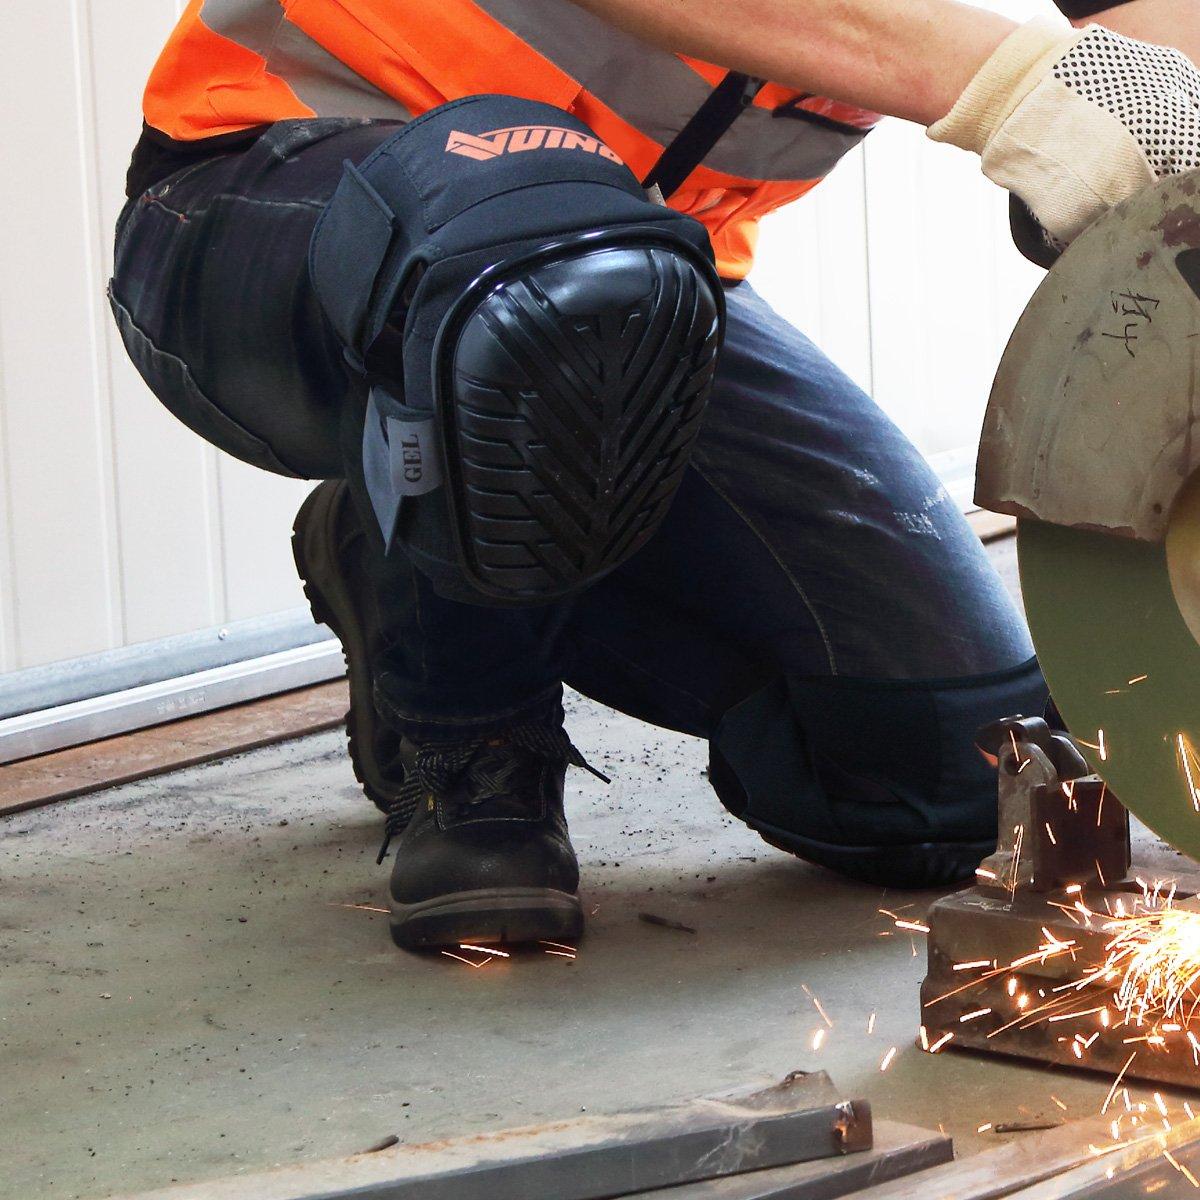 Gardning carrelage et de construction Vuino Professional Heavy Duty Genouill/è res Rembourrage en mousse EVA avec coussin en gel confortables et sangles r/é glables pour travailler nettoyage Parquet noir